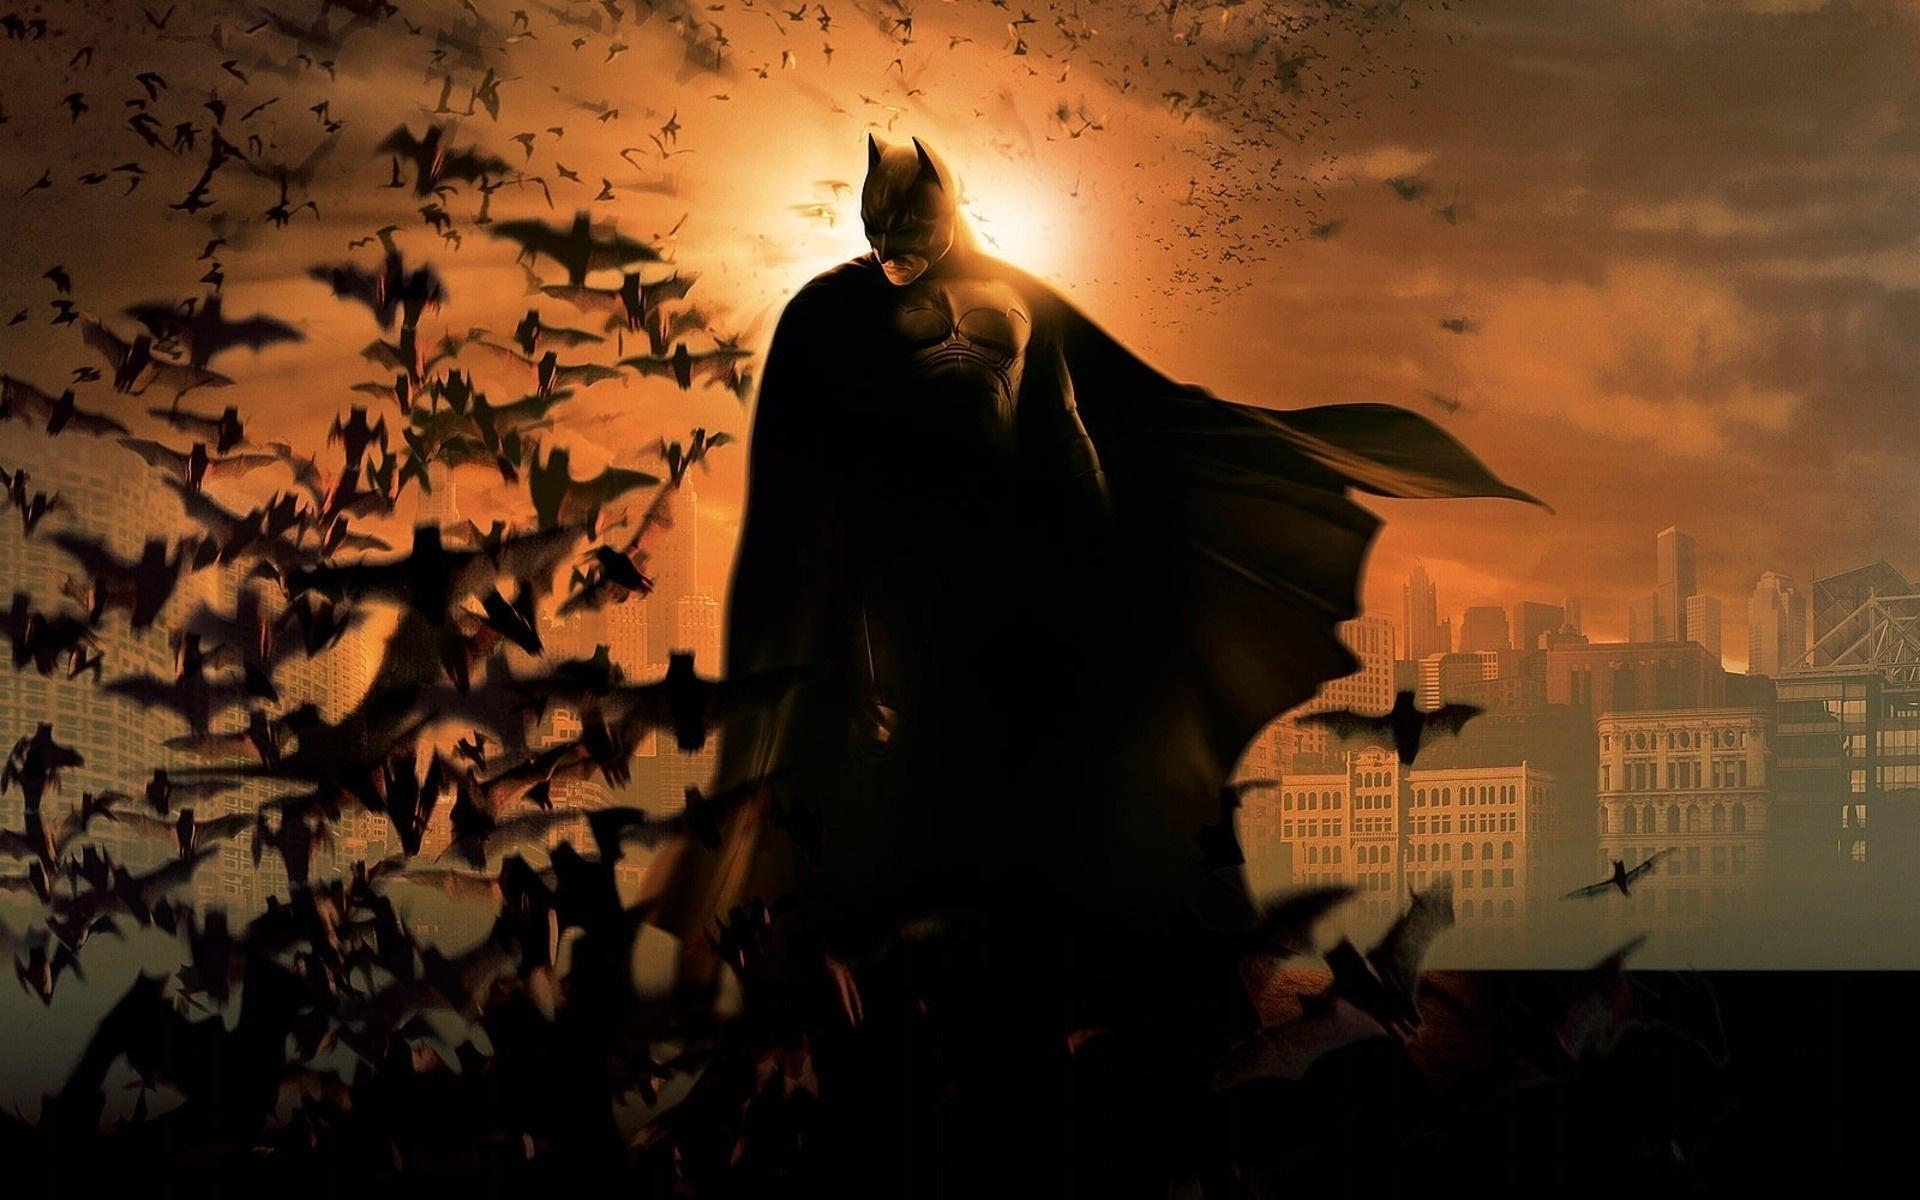 воскрешение темного рыцаря, фильм, batman, The dark knight rises